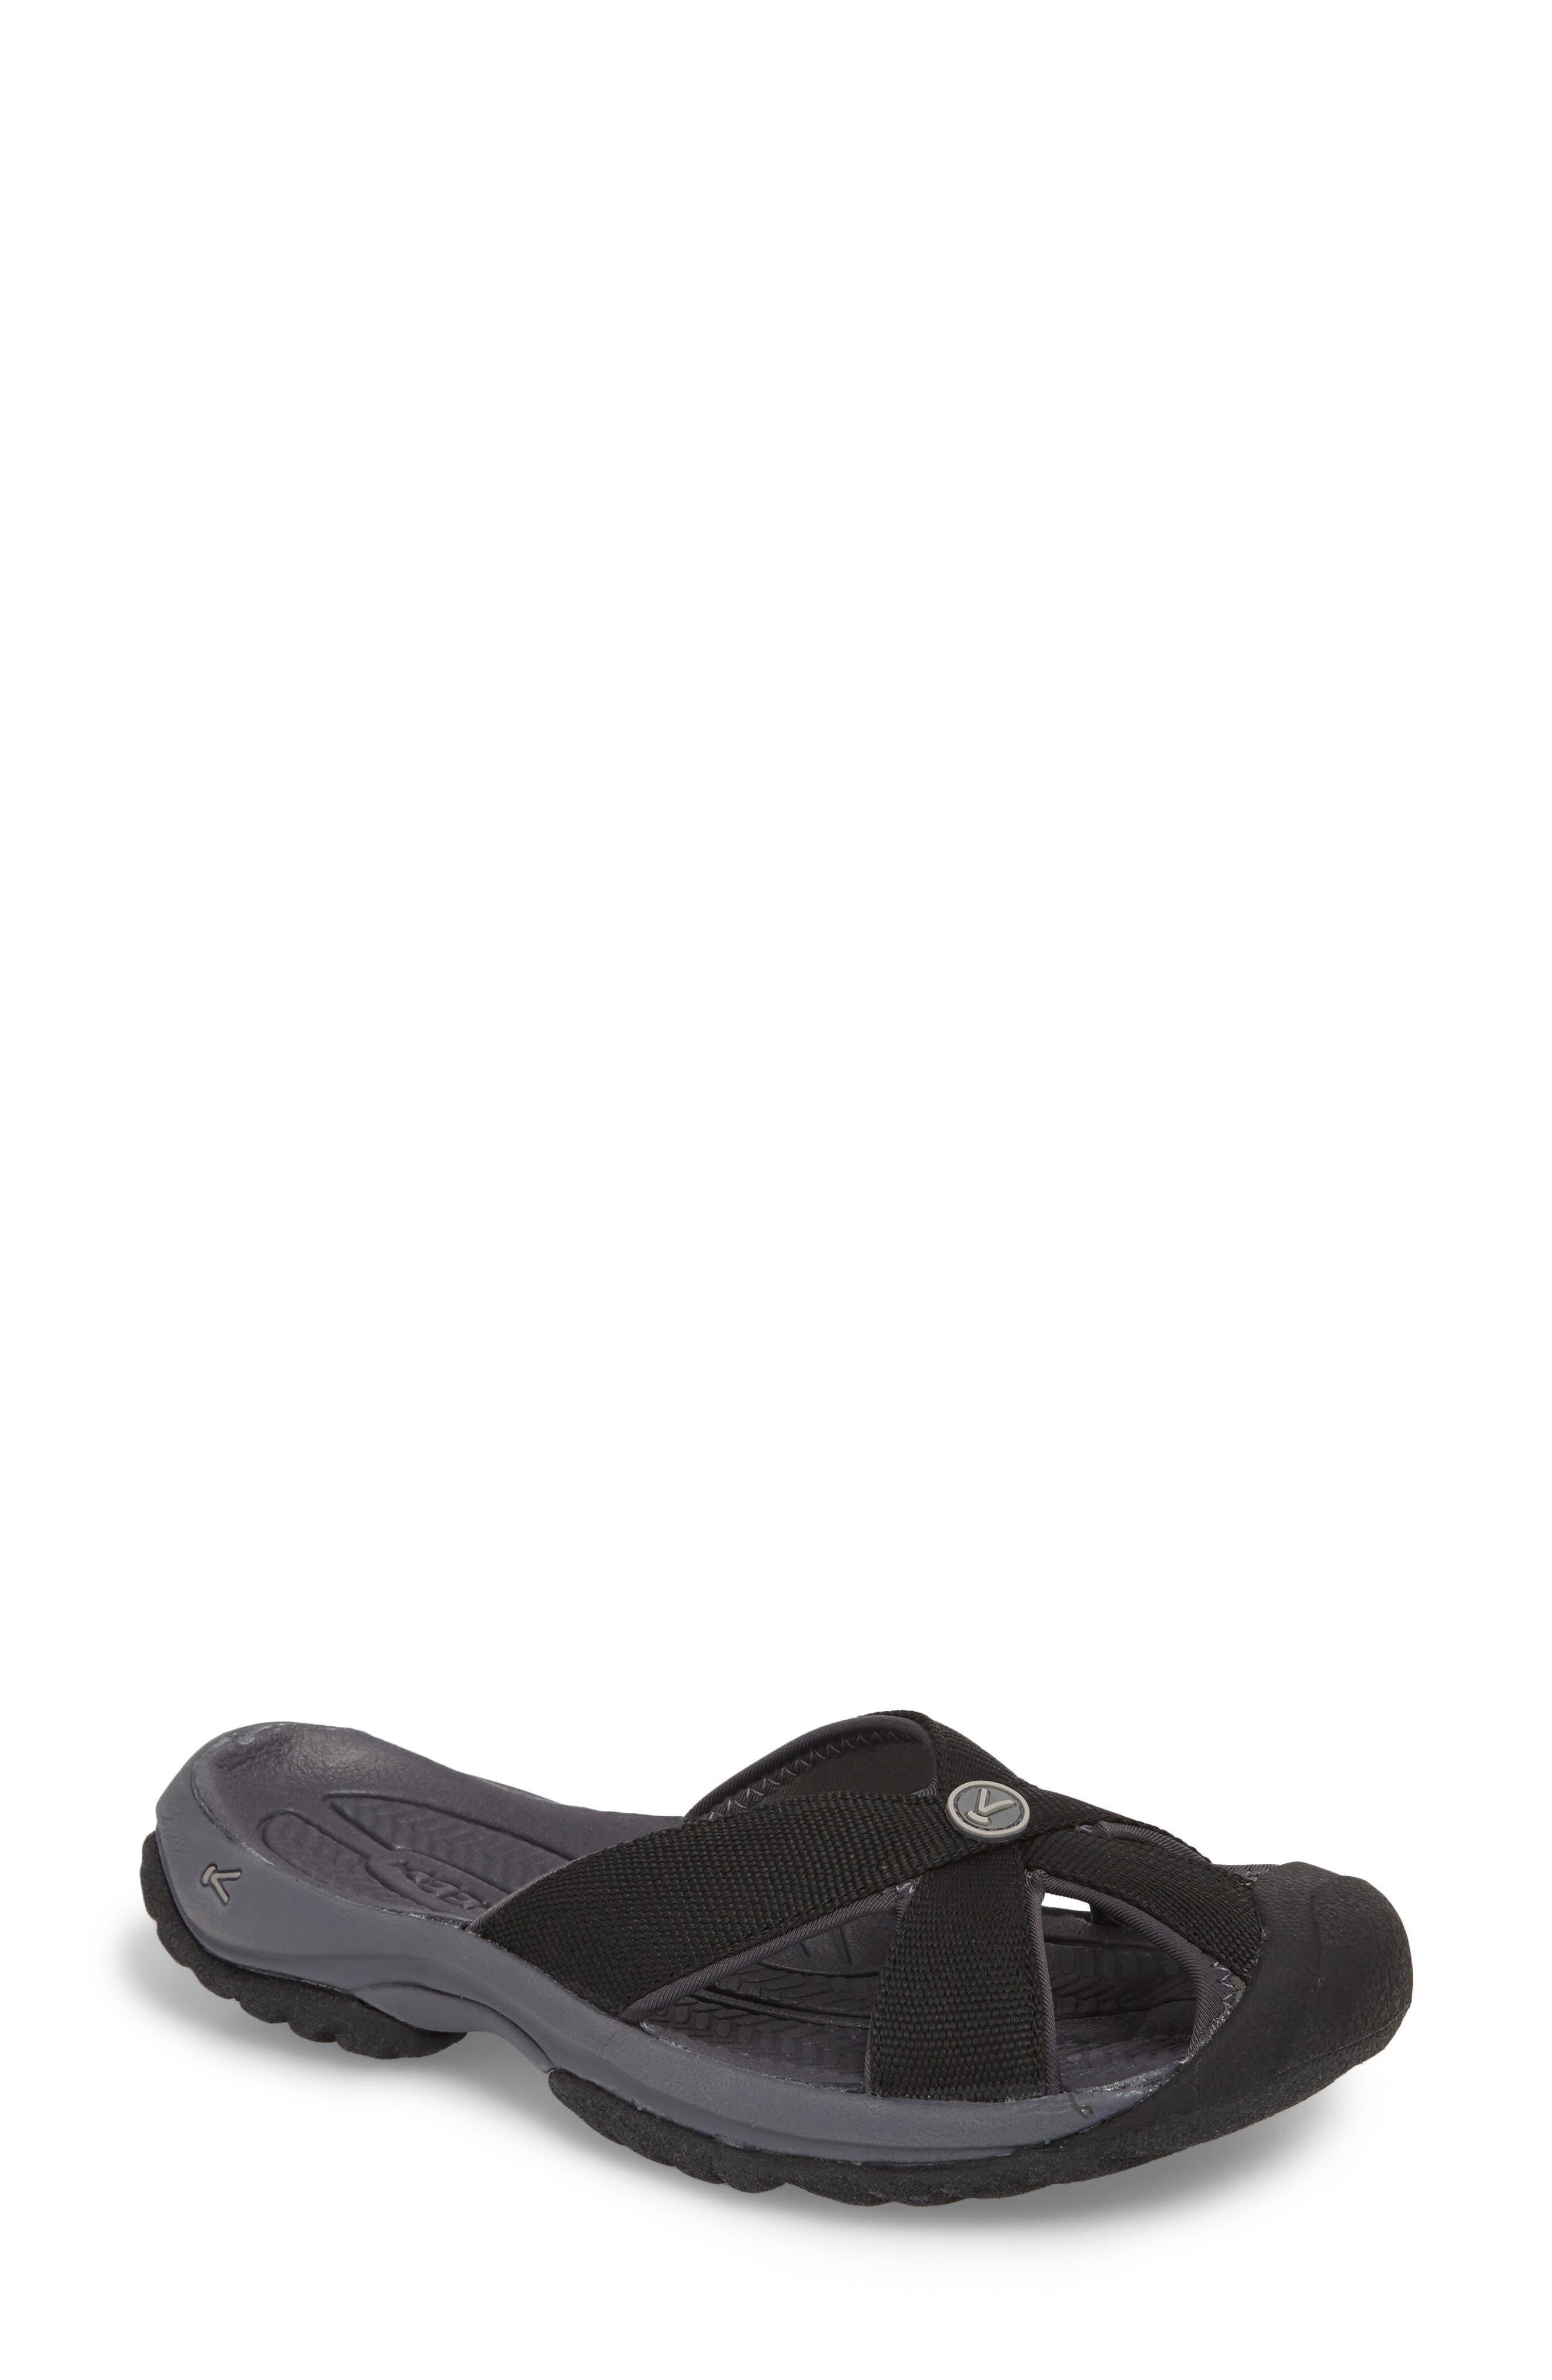 e3a4121e2bf Keen Sandals - Women s